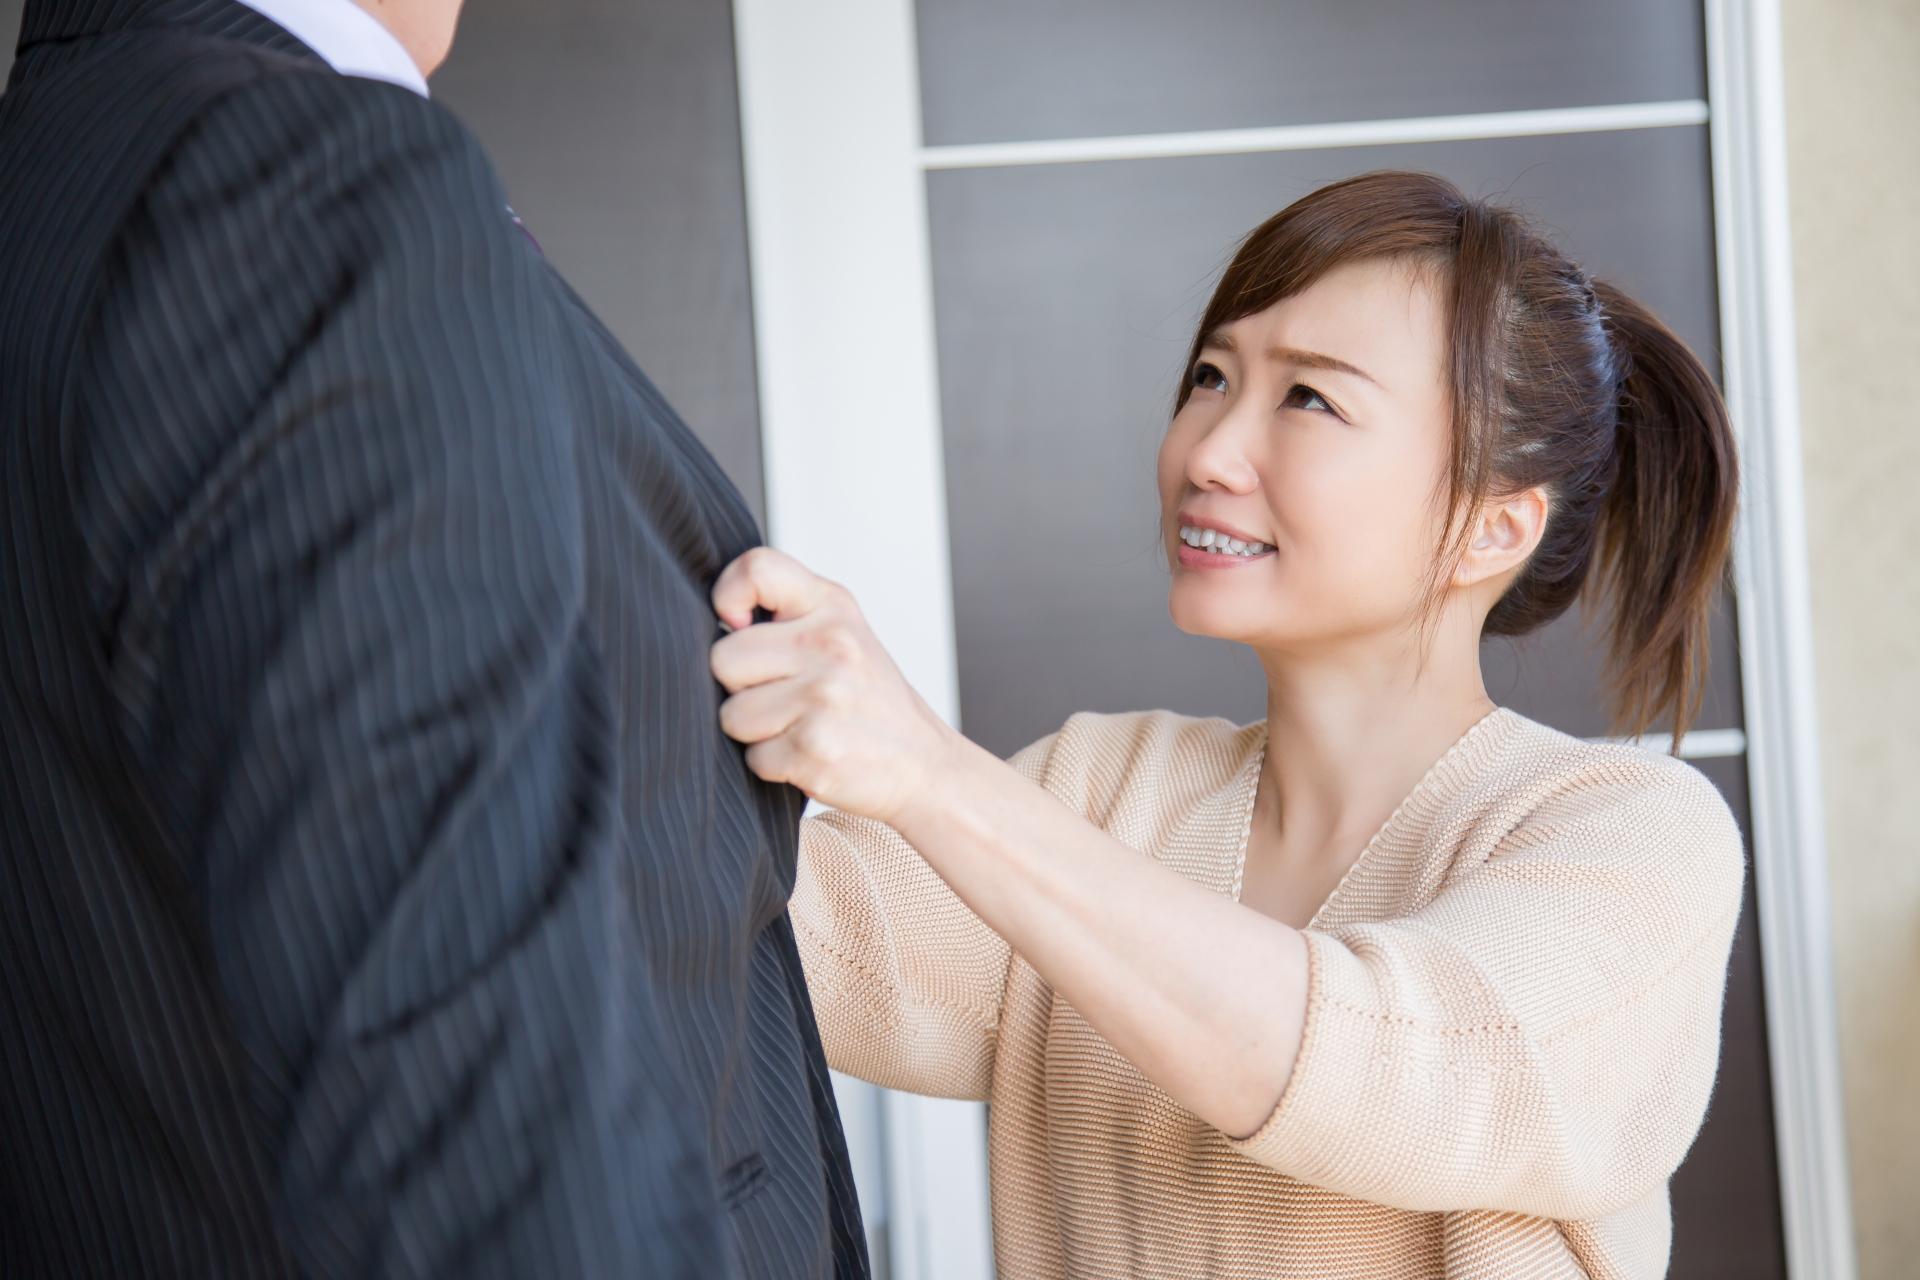 医師転職 妻反対 嫁ブロック 医師転職エージェント 医師紹介会社 転職を考え始めた時 医師人生 家族計画 転職成功条件 ジーネット株式会社